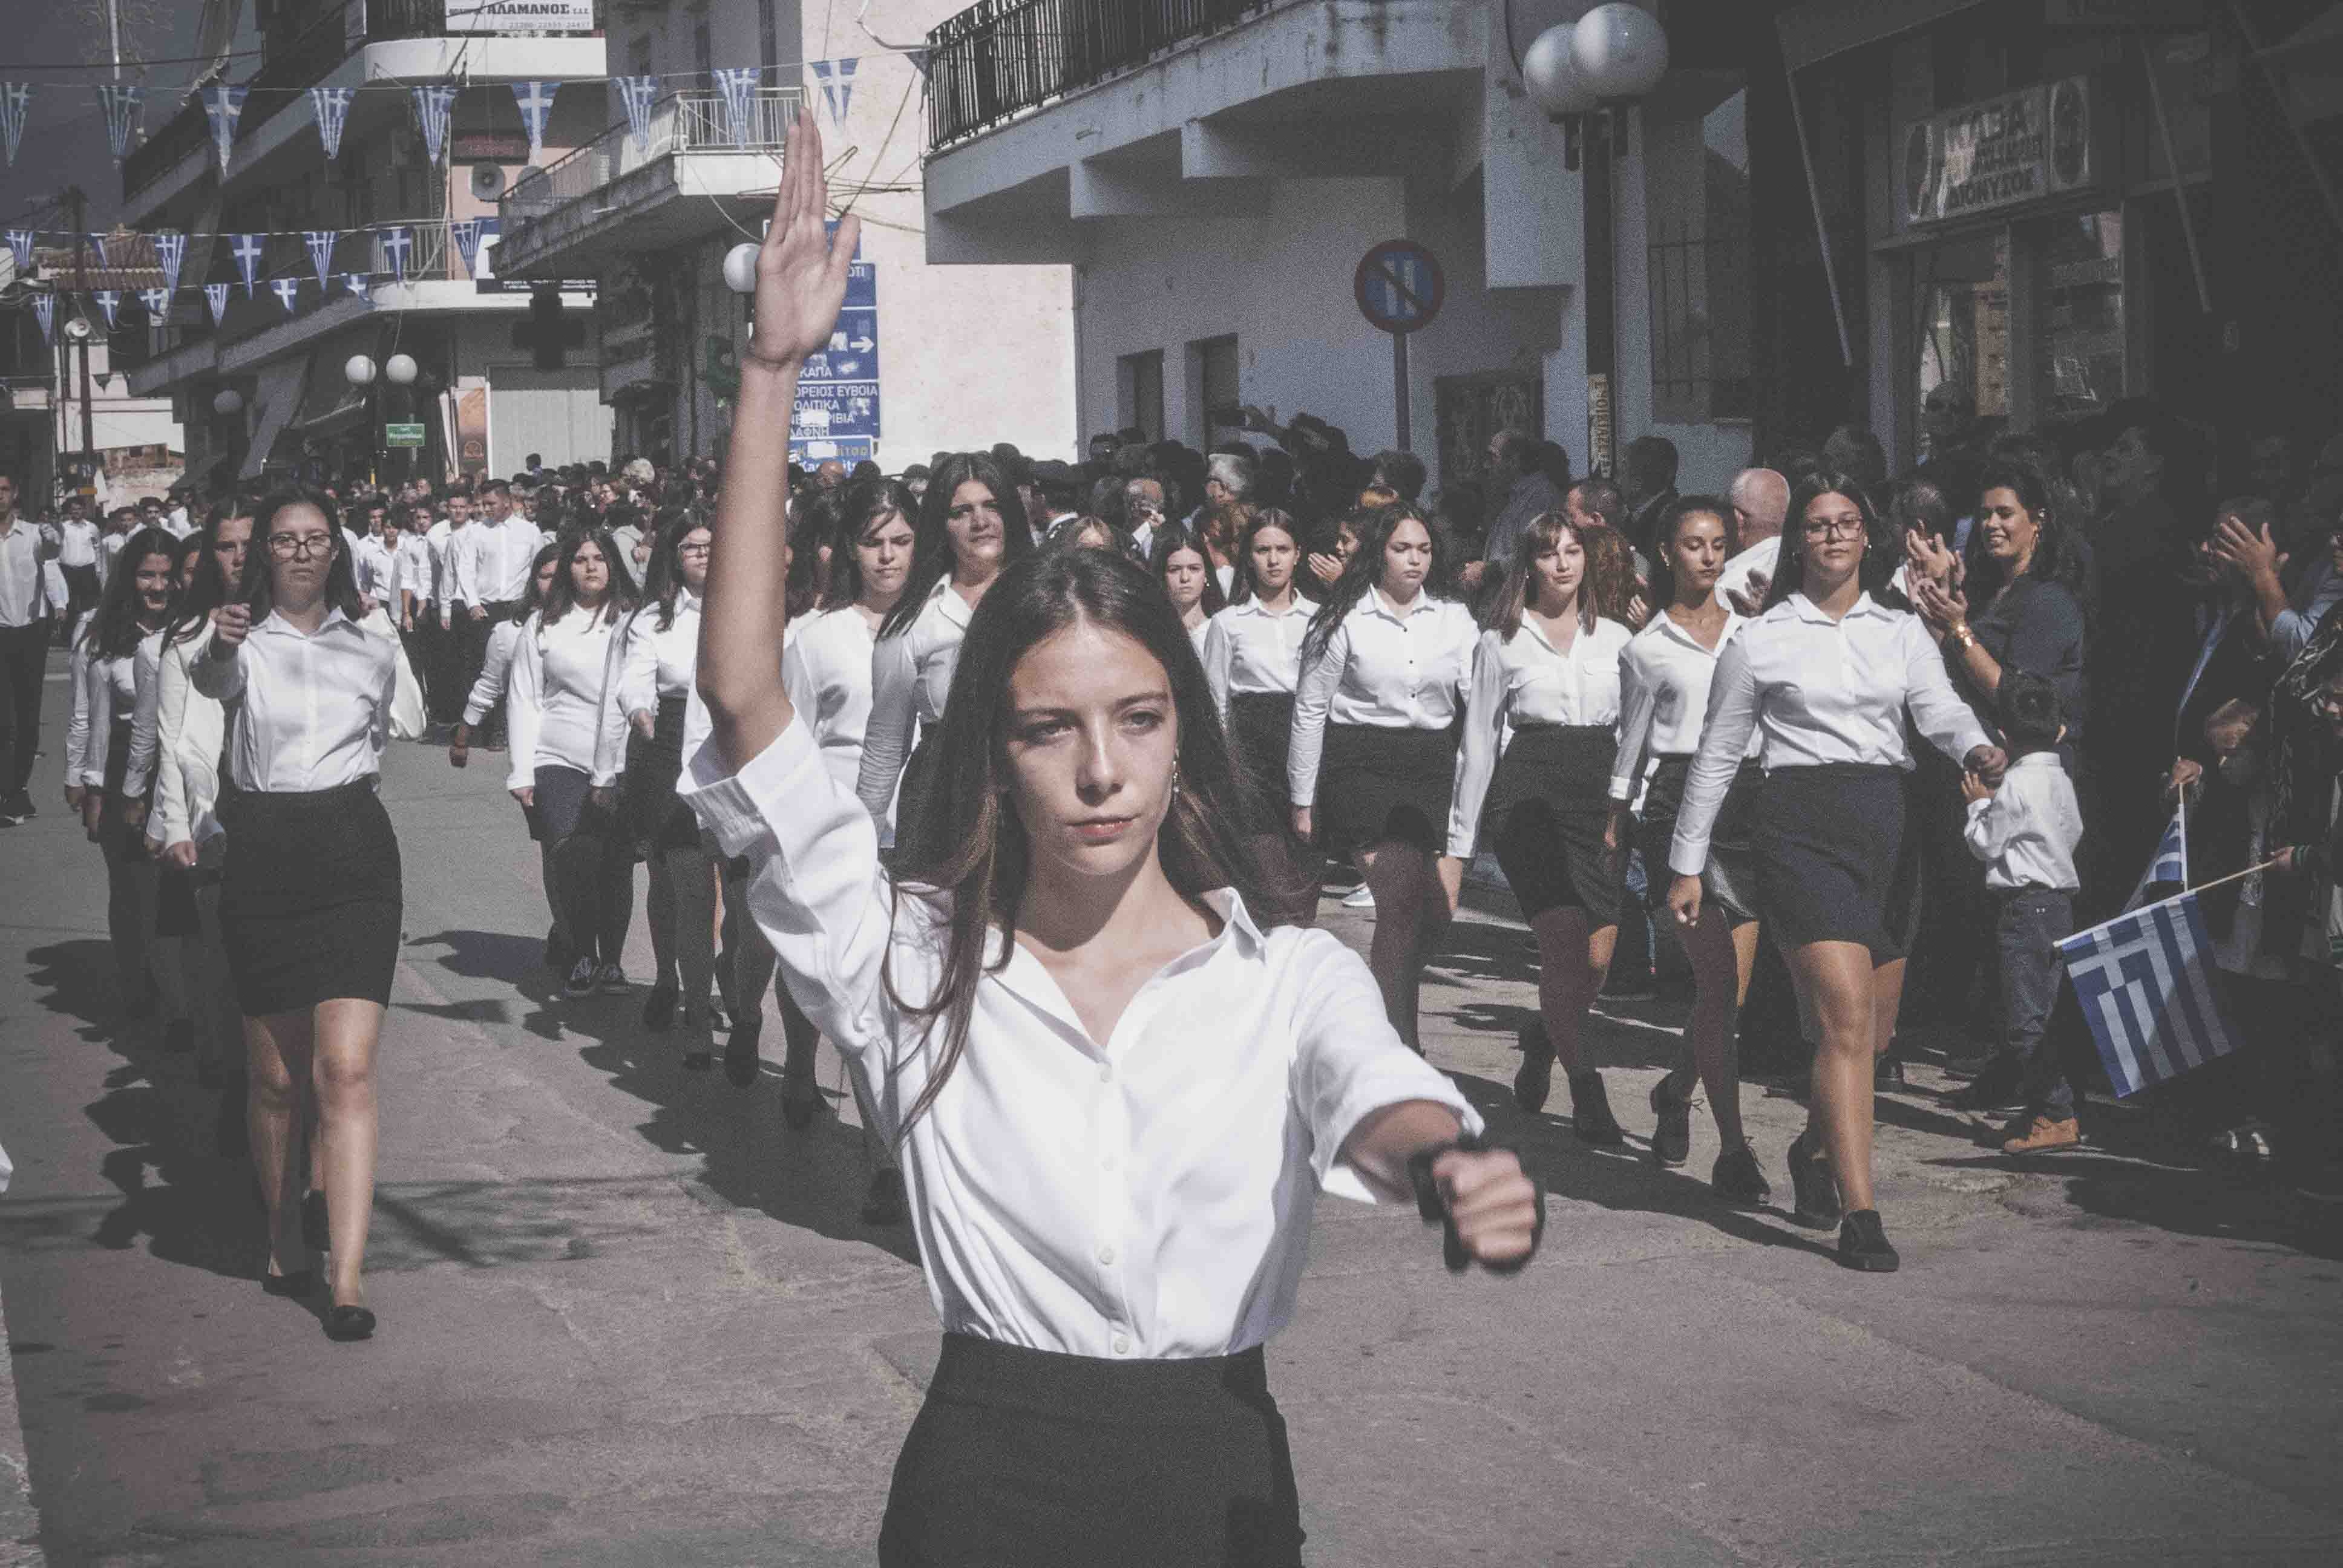 Φωτογραφικό υλικό από την παρέλαση στα Ψαχνά DSC 0420  Η παρέλαση της 28ης Οκτωβρίου σε Καστέλλα και Ψαχνά (φωτό) DSC 0420